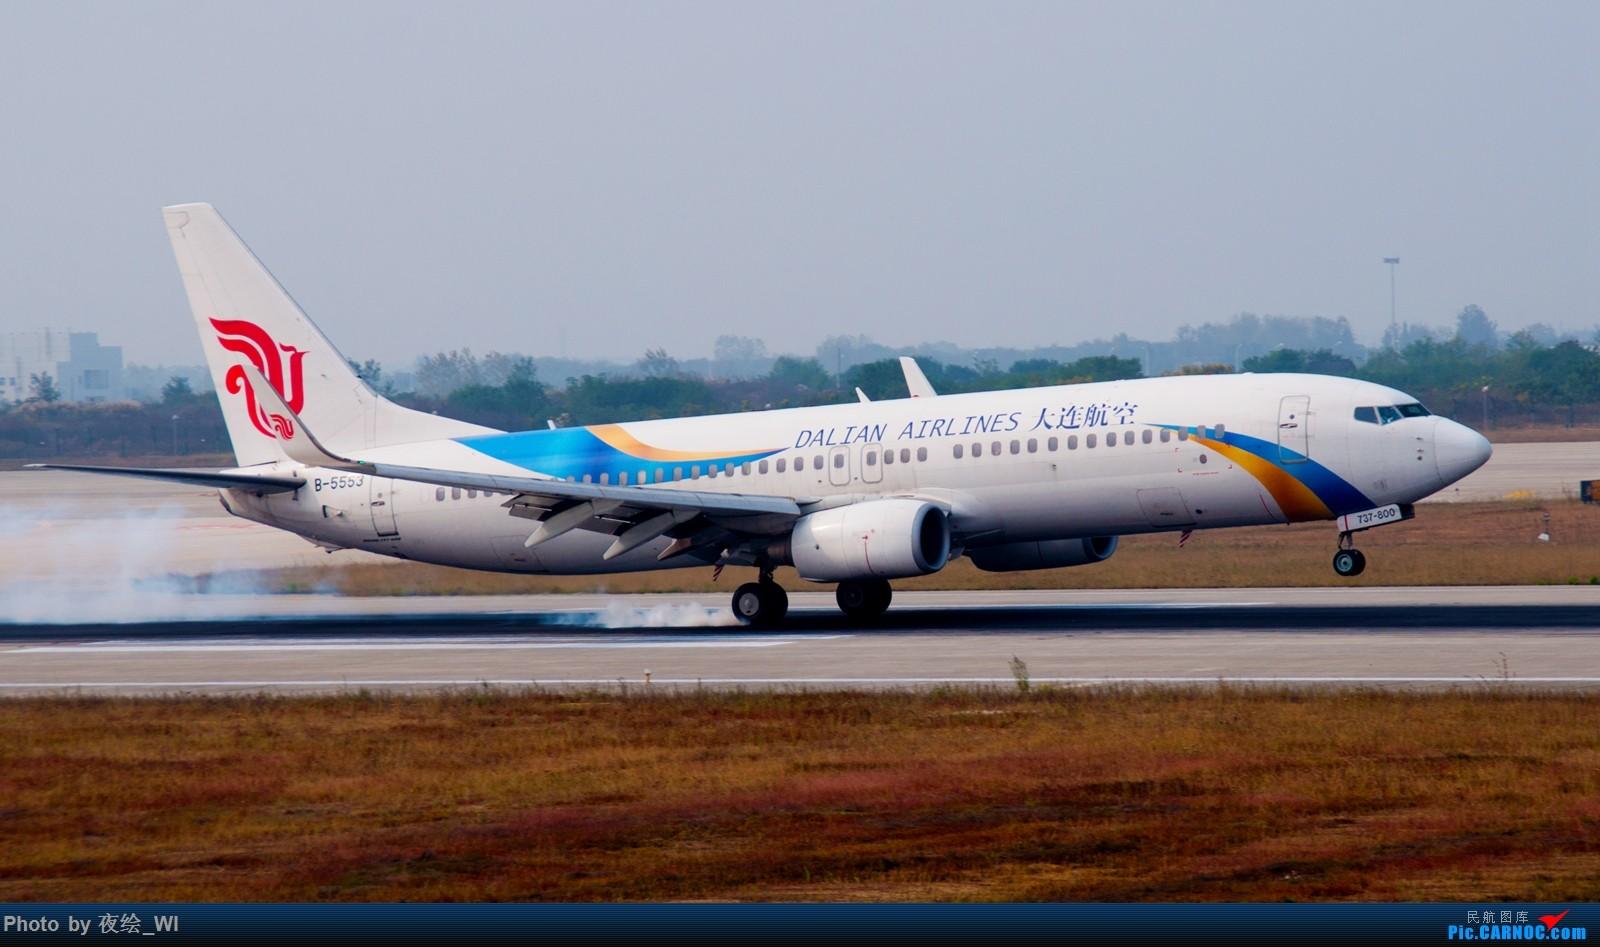 Re:[原创]【NKG】生日第二天就去拍机,日常练手+练后期,今天是胶片味 BOEING 737-800 B-5553 中国南京禄口国际机场